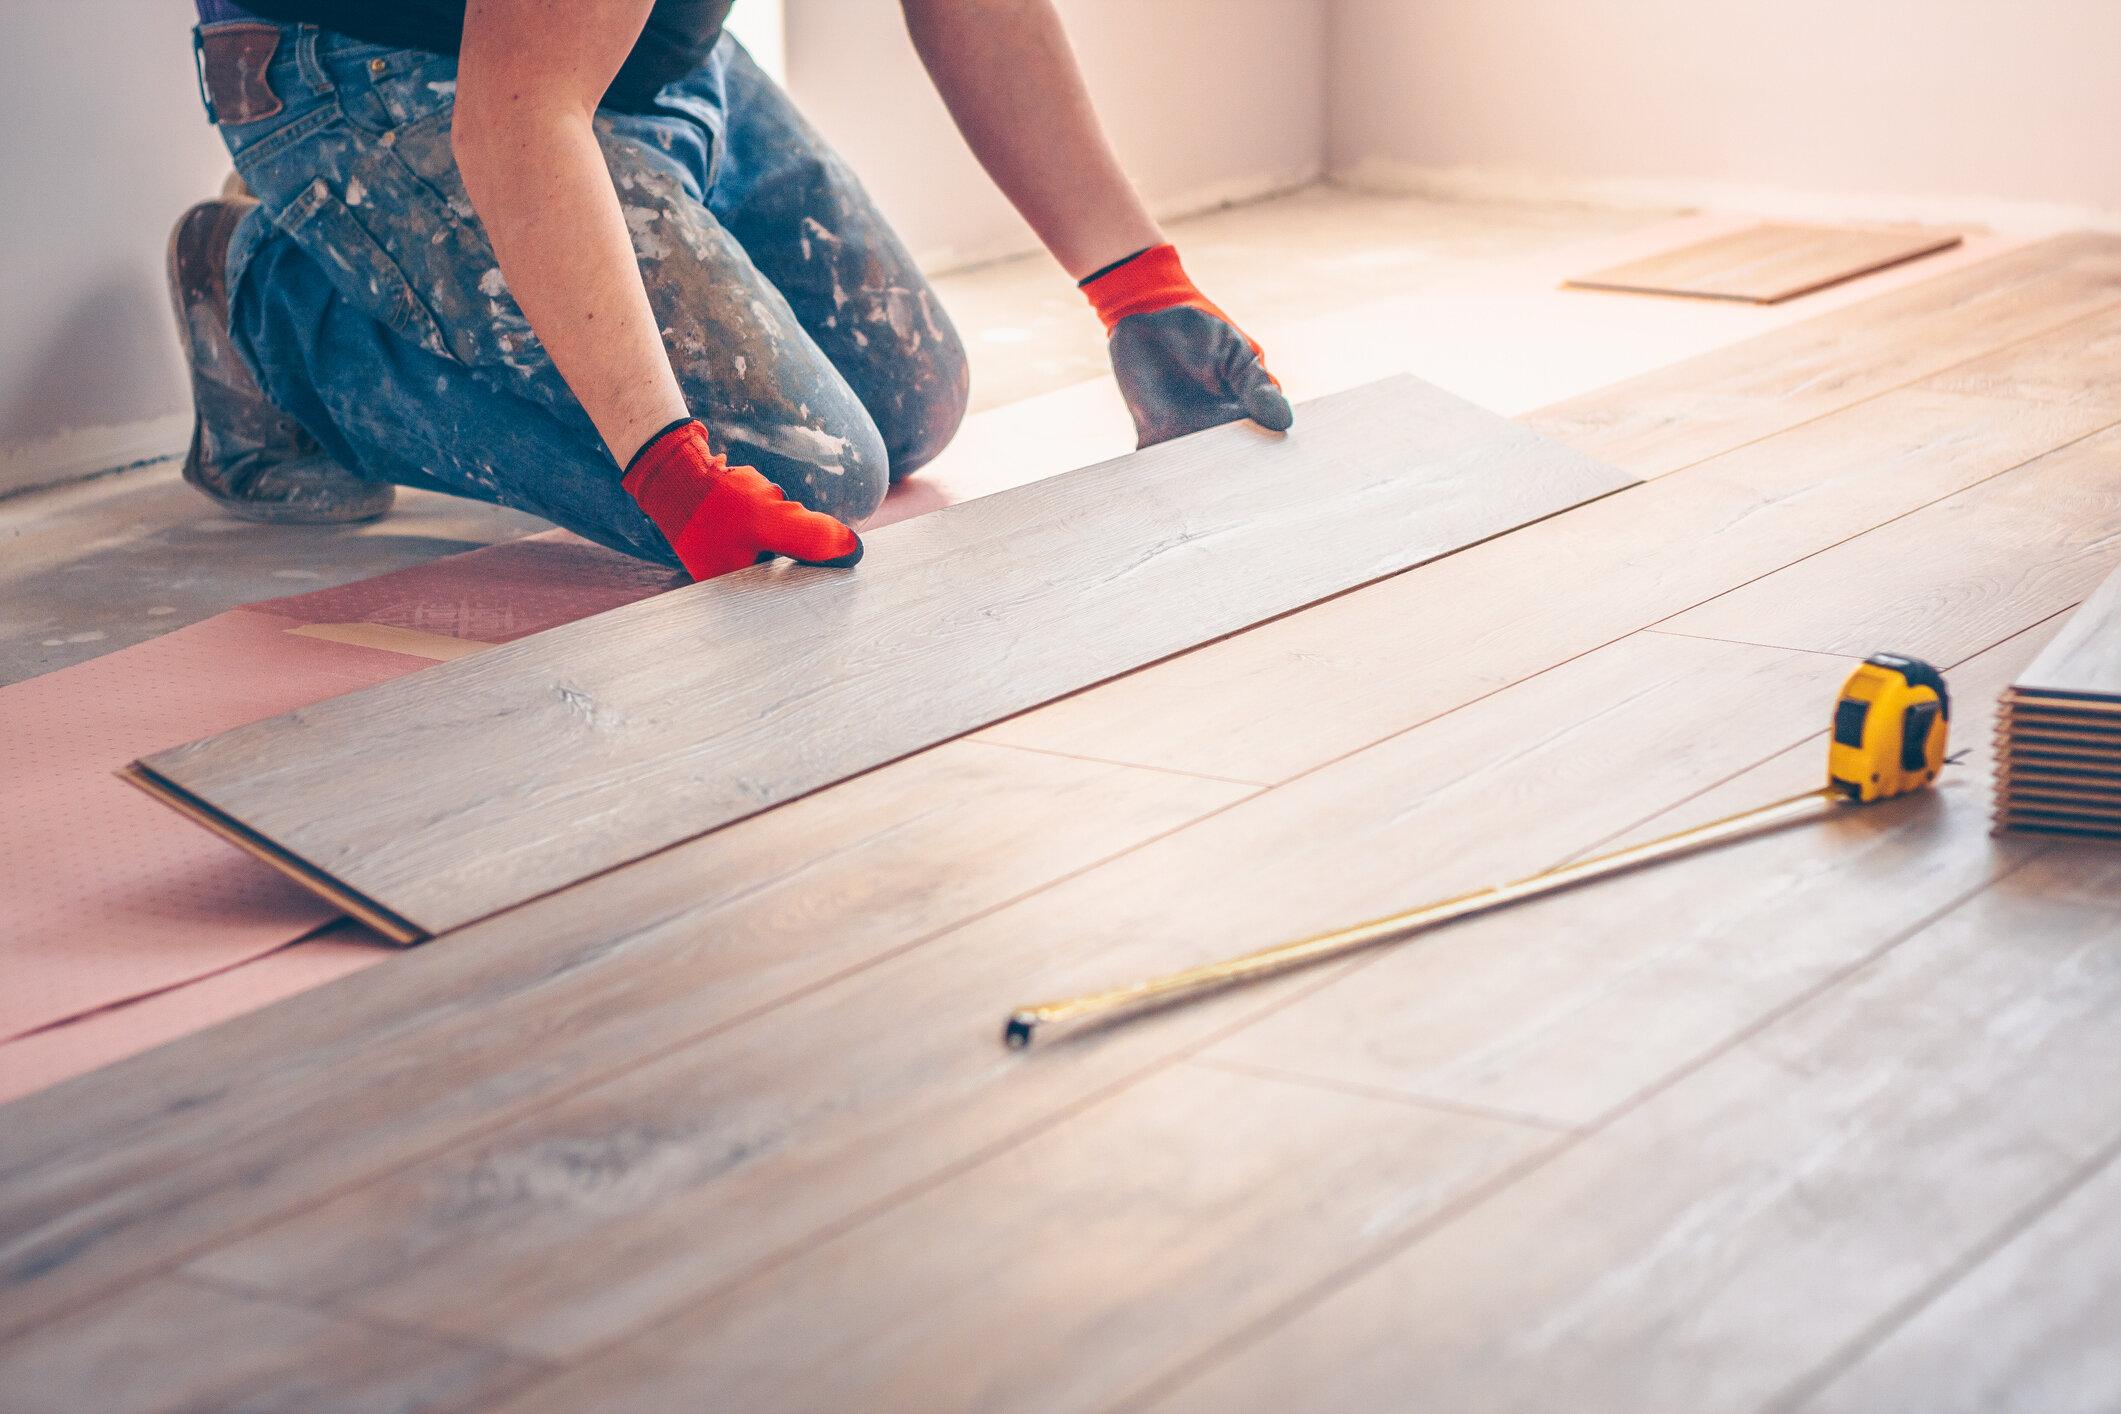 Install New Flooring